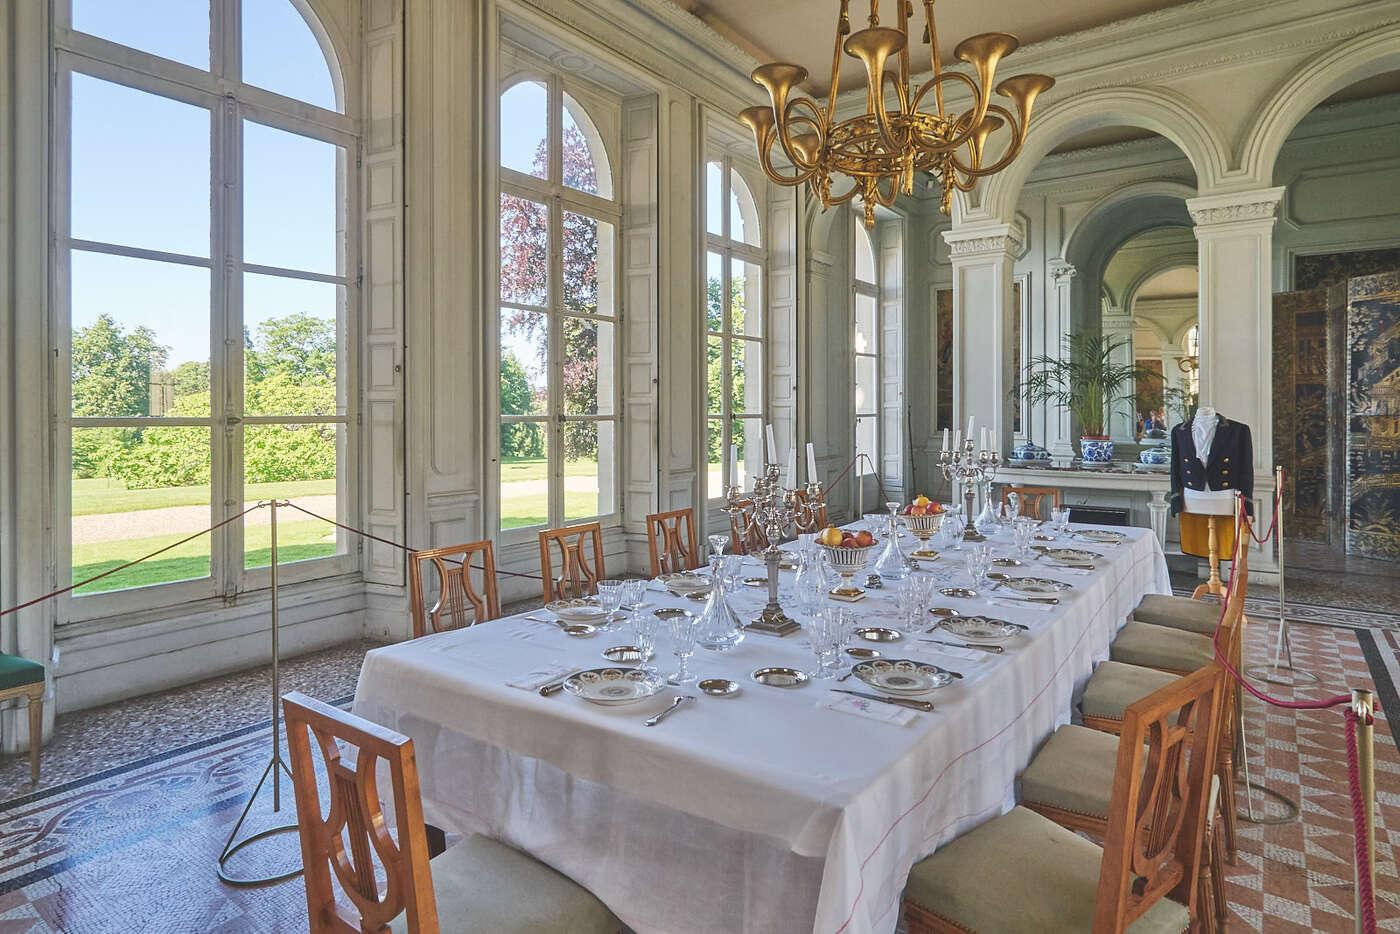 Salle du repas du château de Bizy